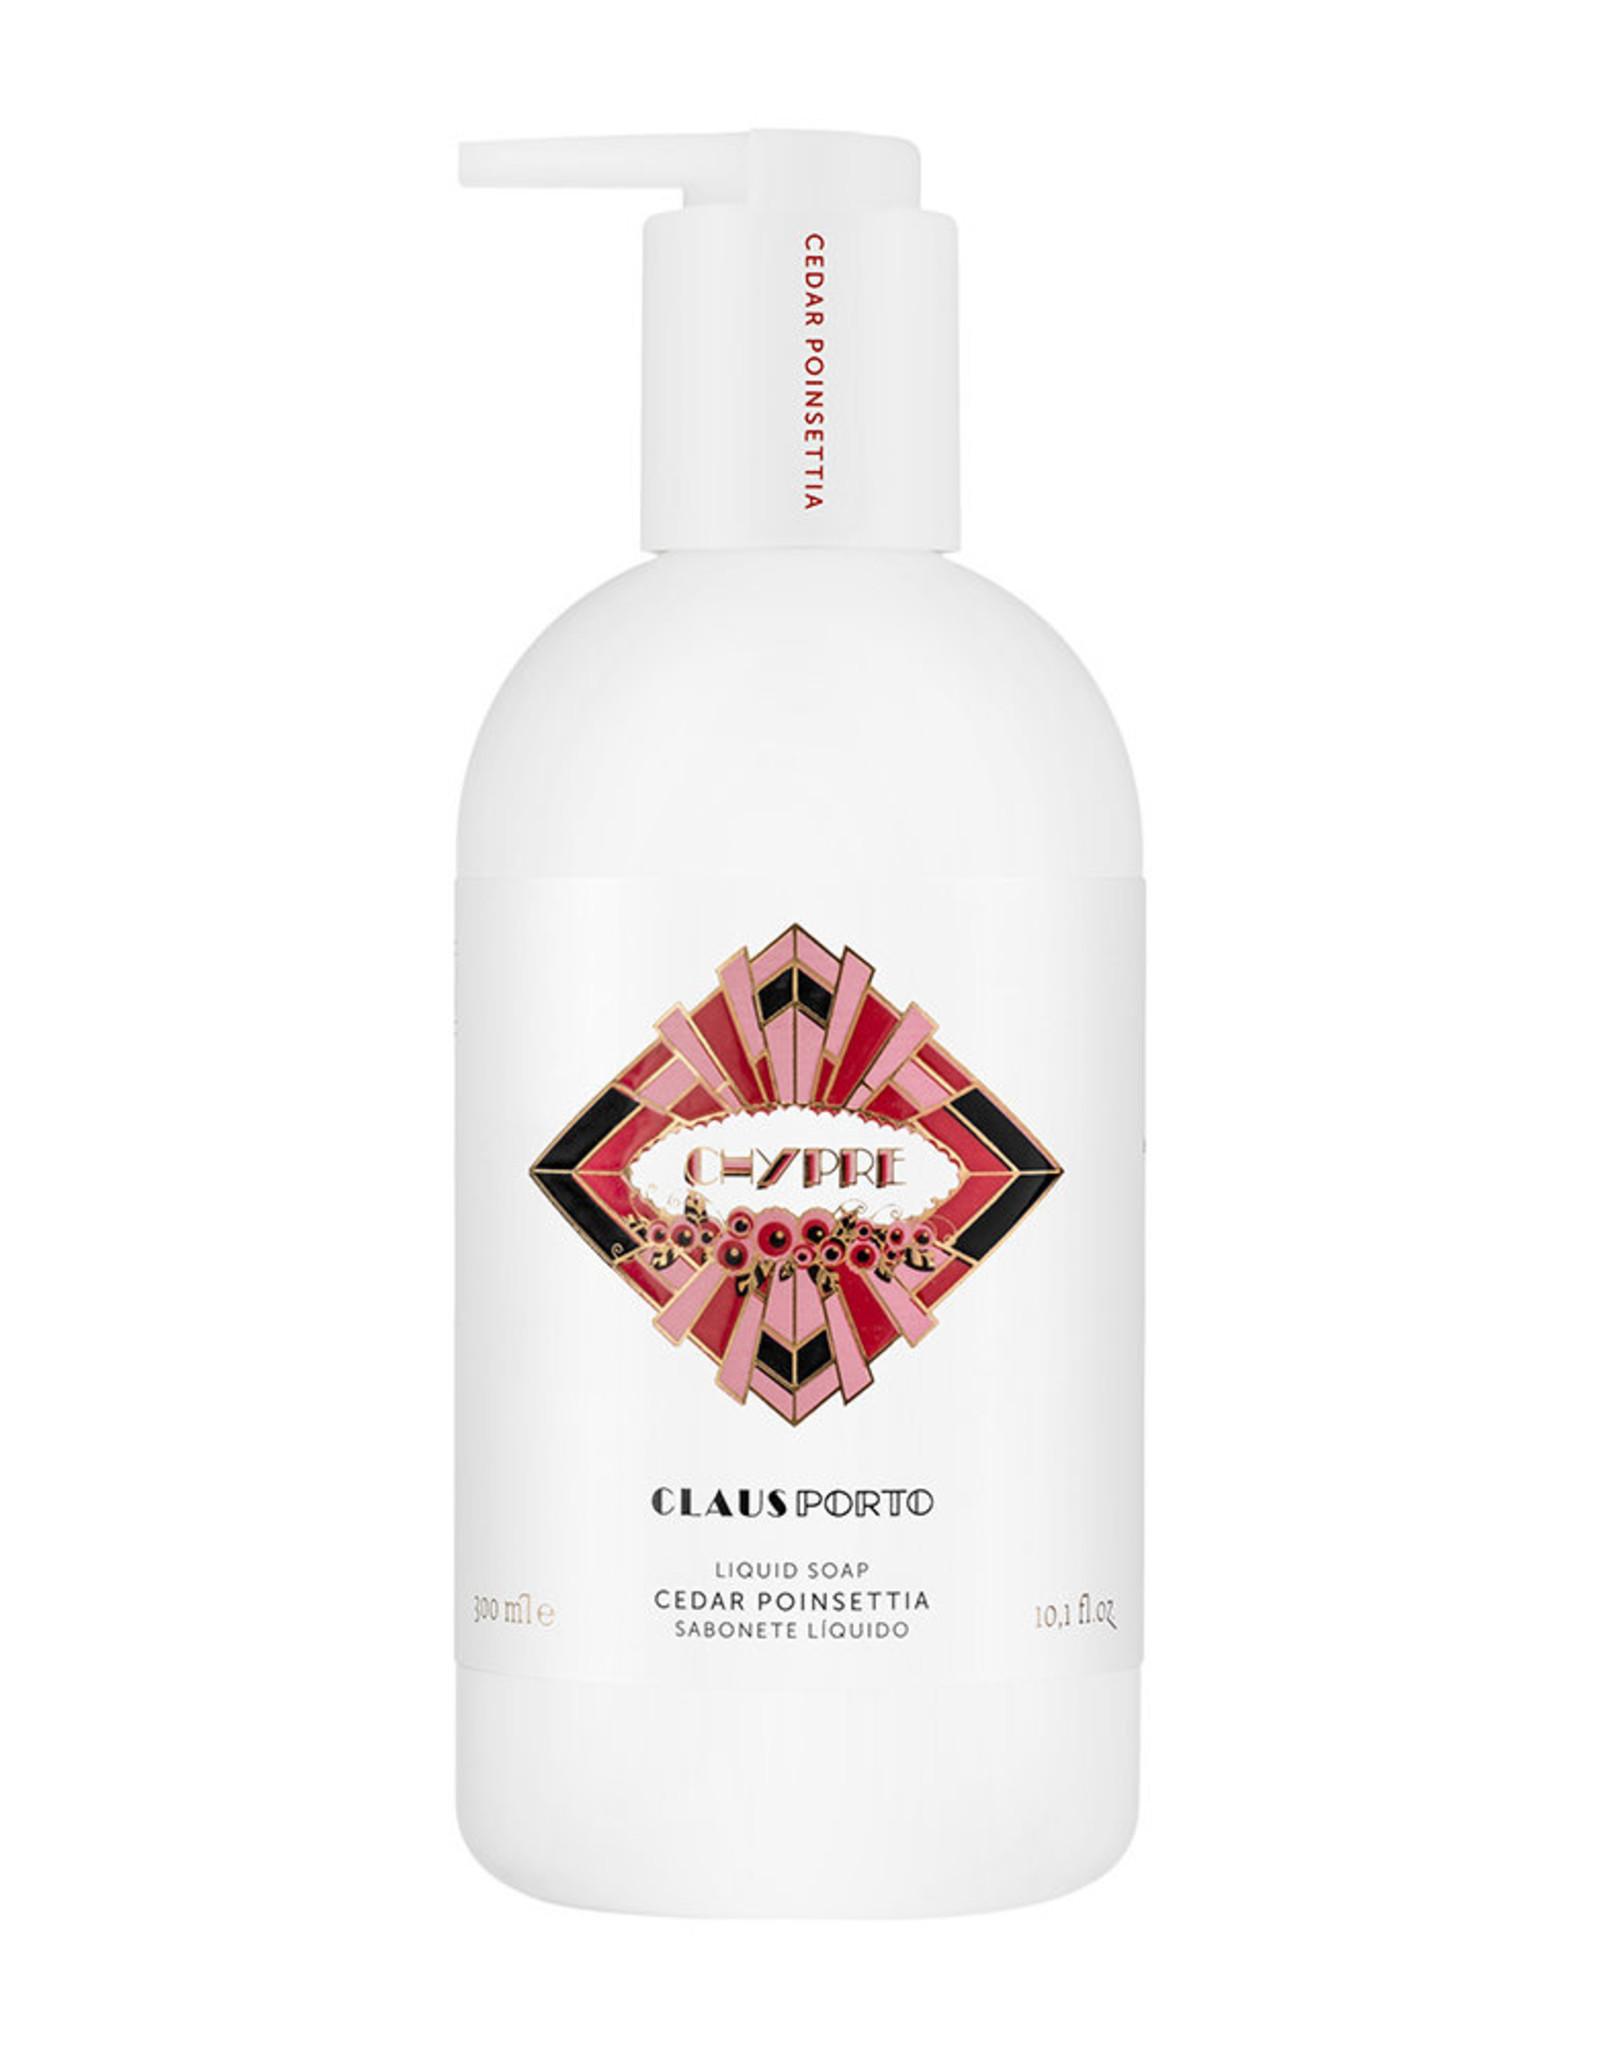 Claus Porto Chypre - cedar poinsettia caring liquid soap